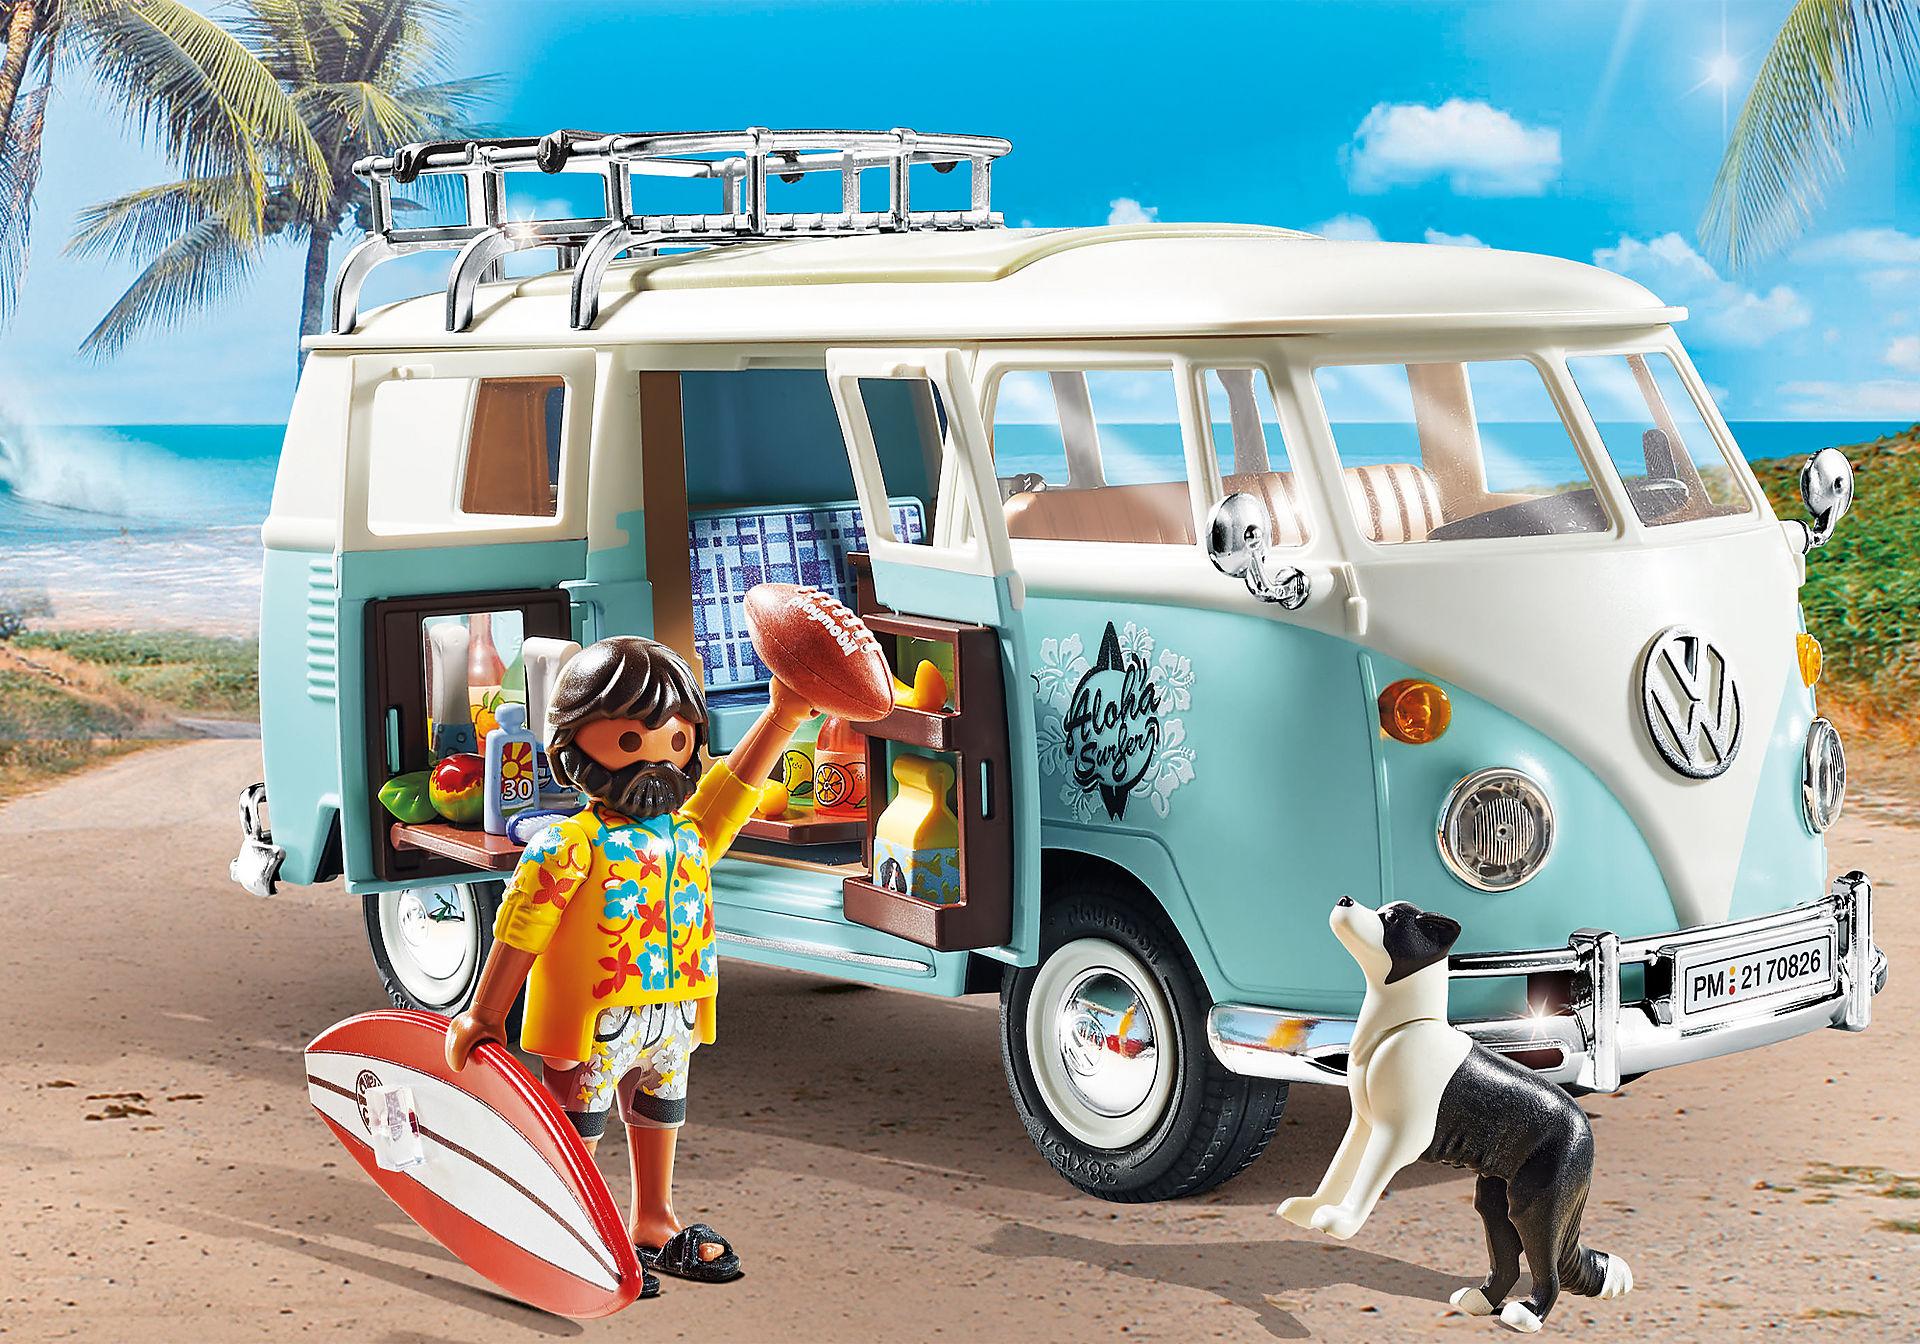 70826 Volkswagen T1 Camping Bus - Edição especial zoom image6